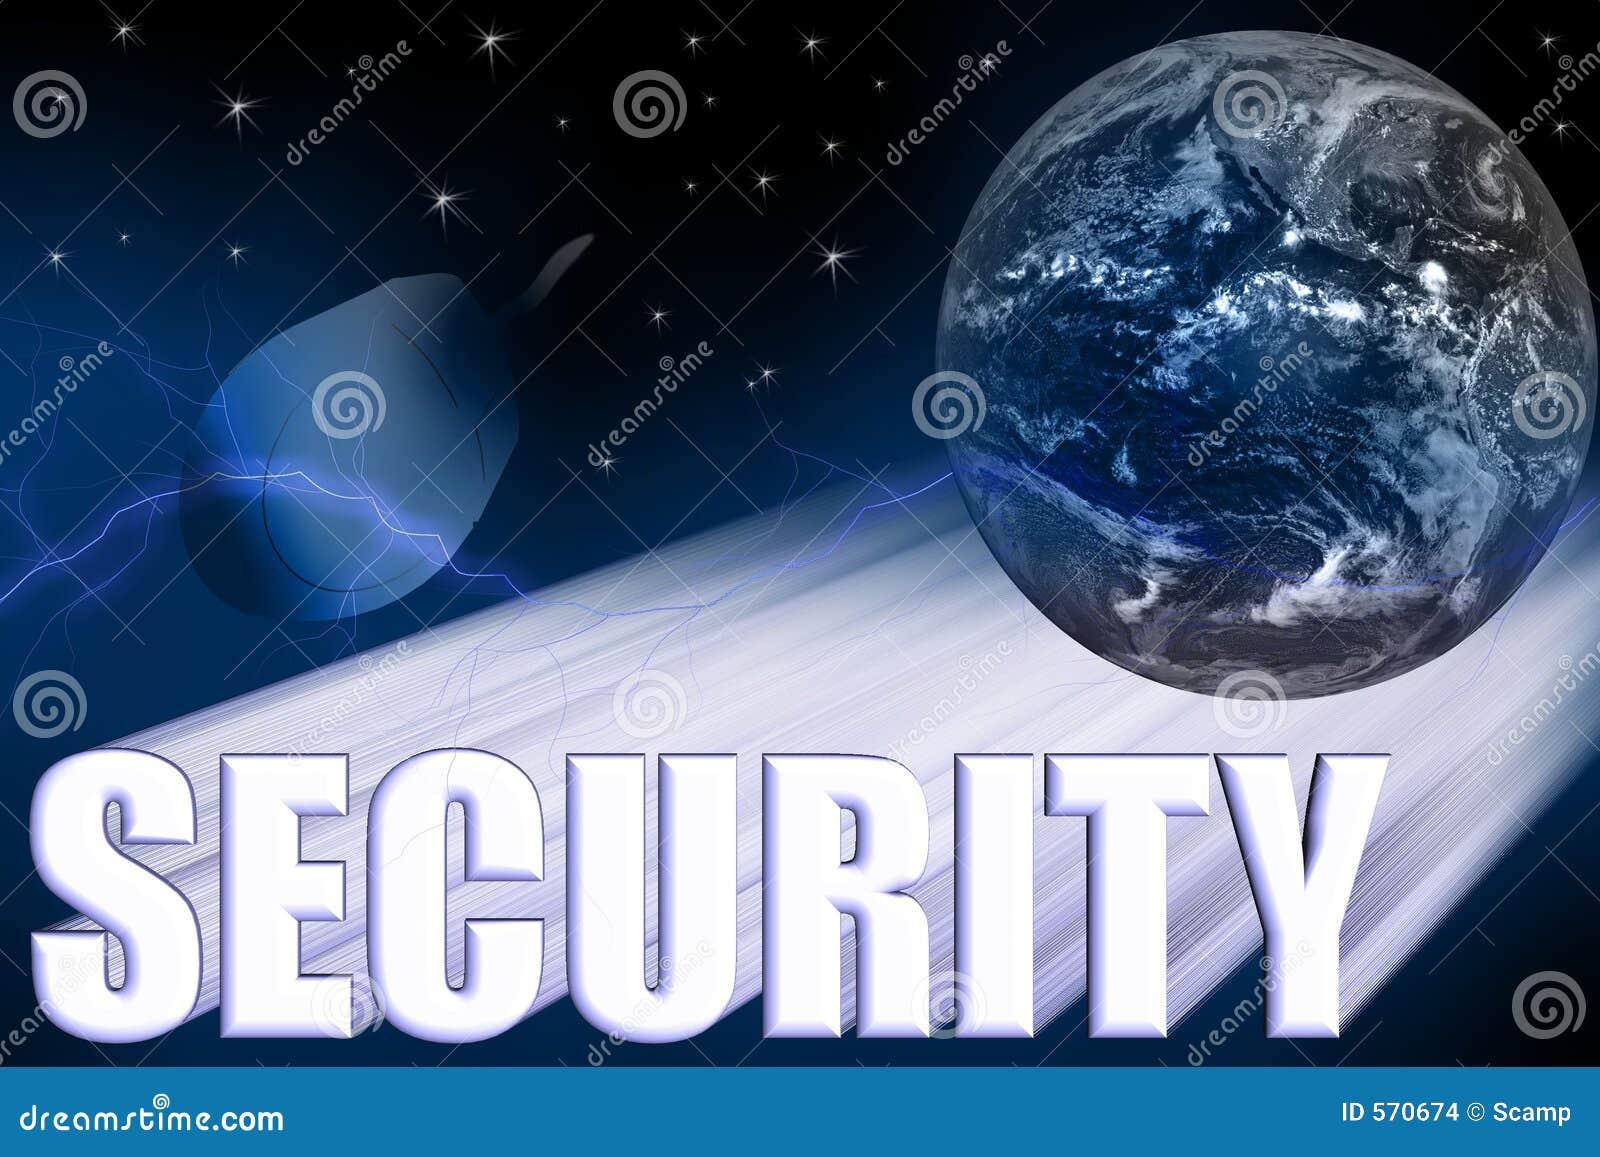 3-D Illustratie van de veiligheid